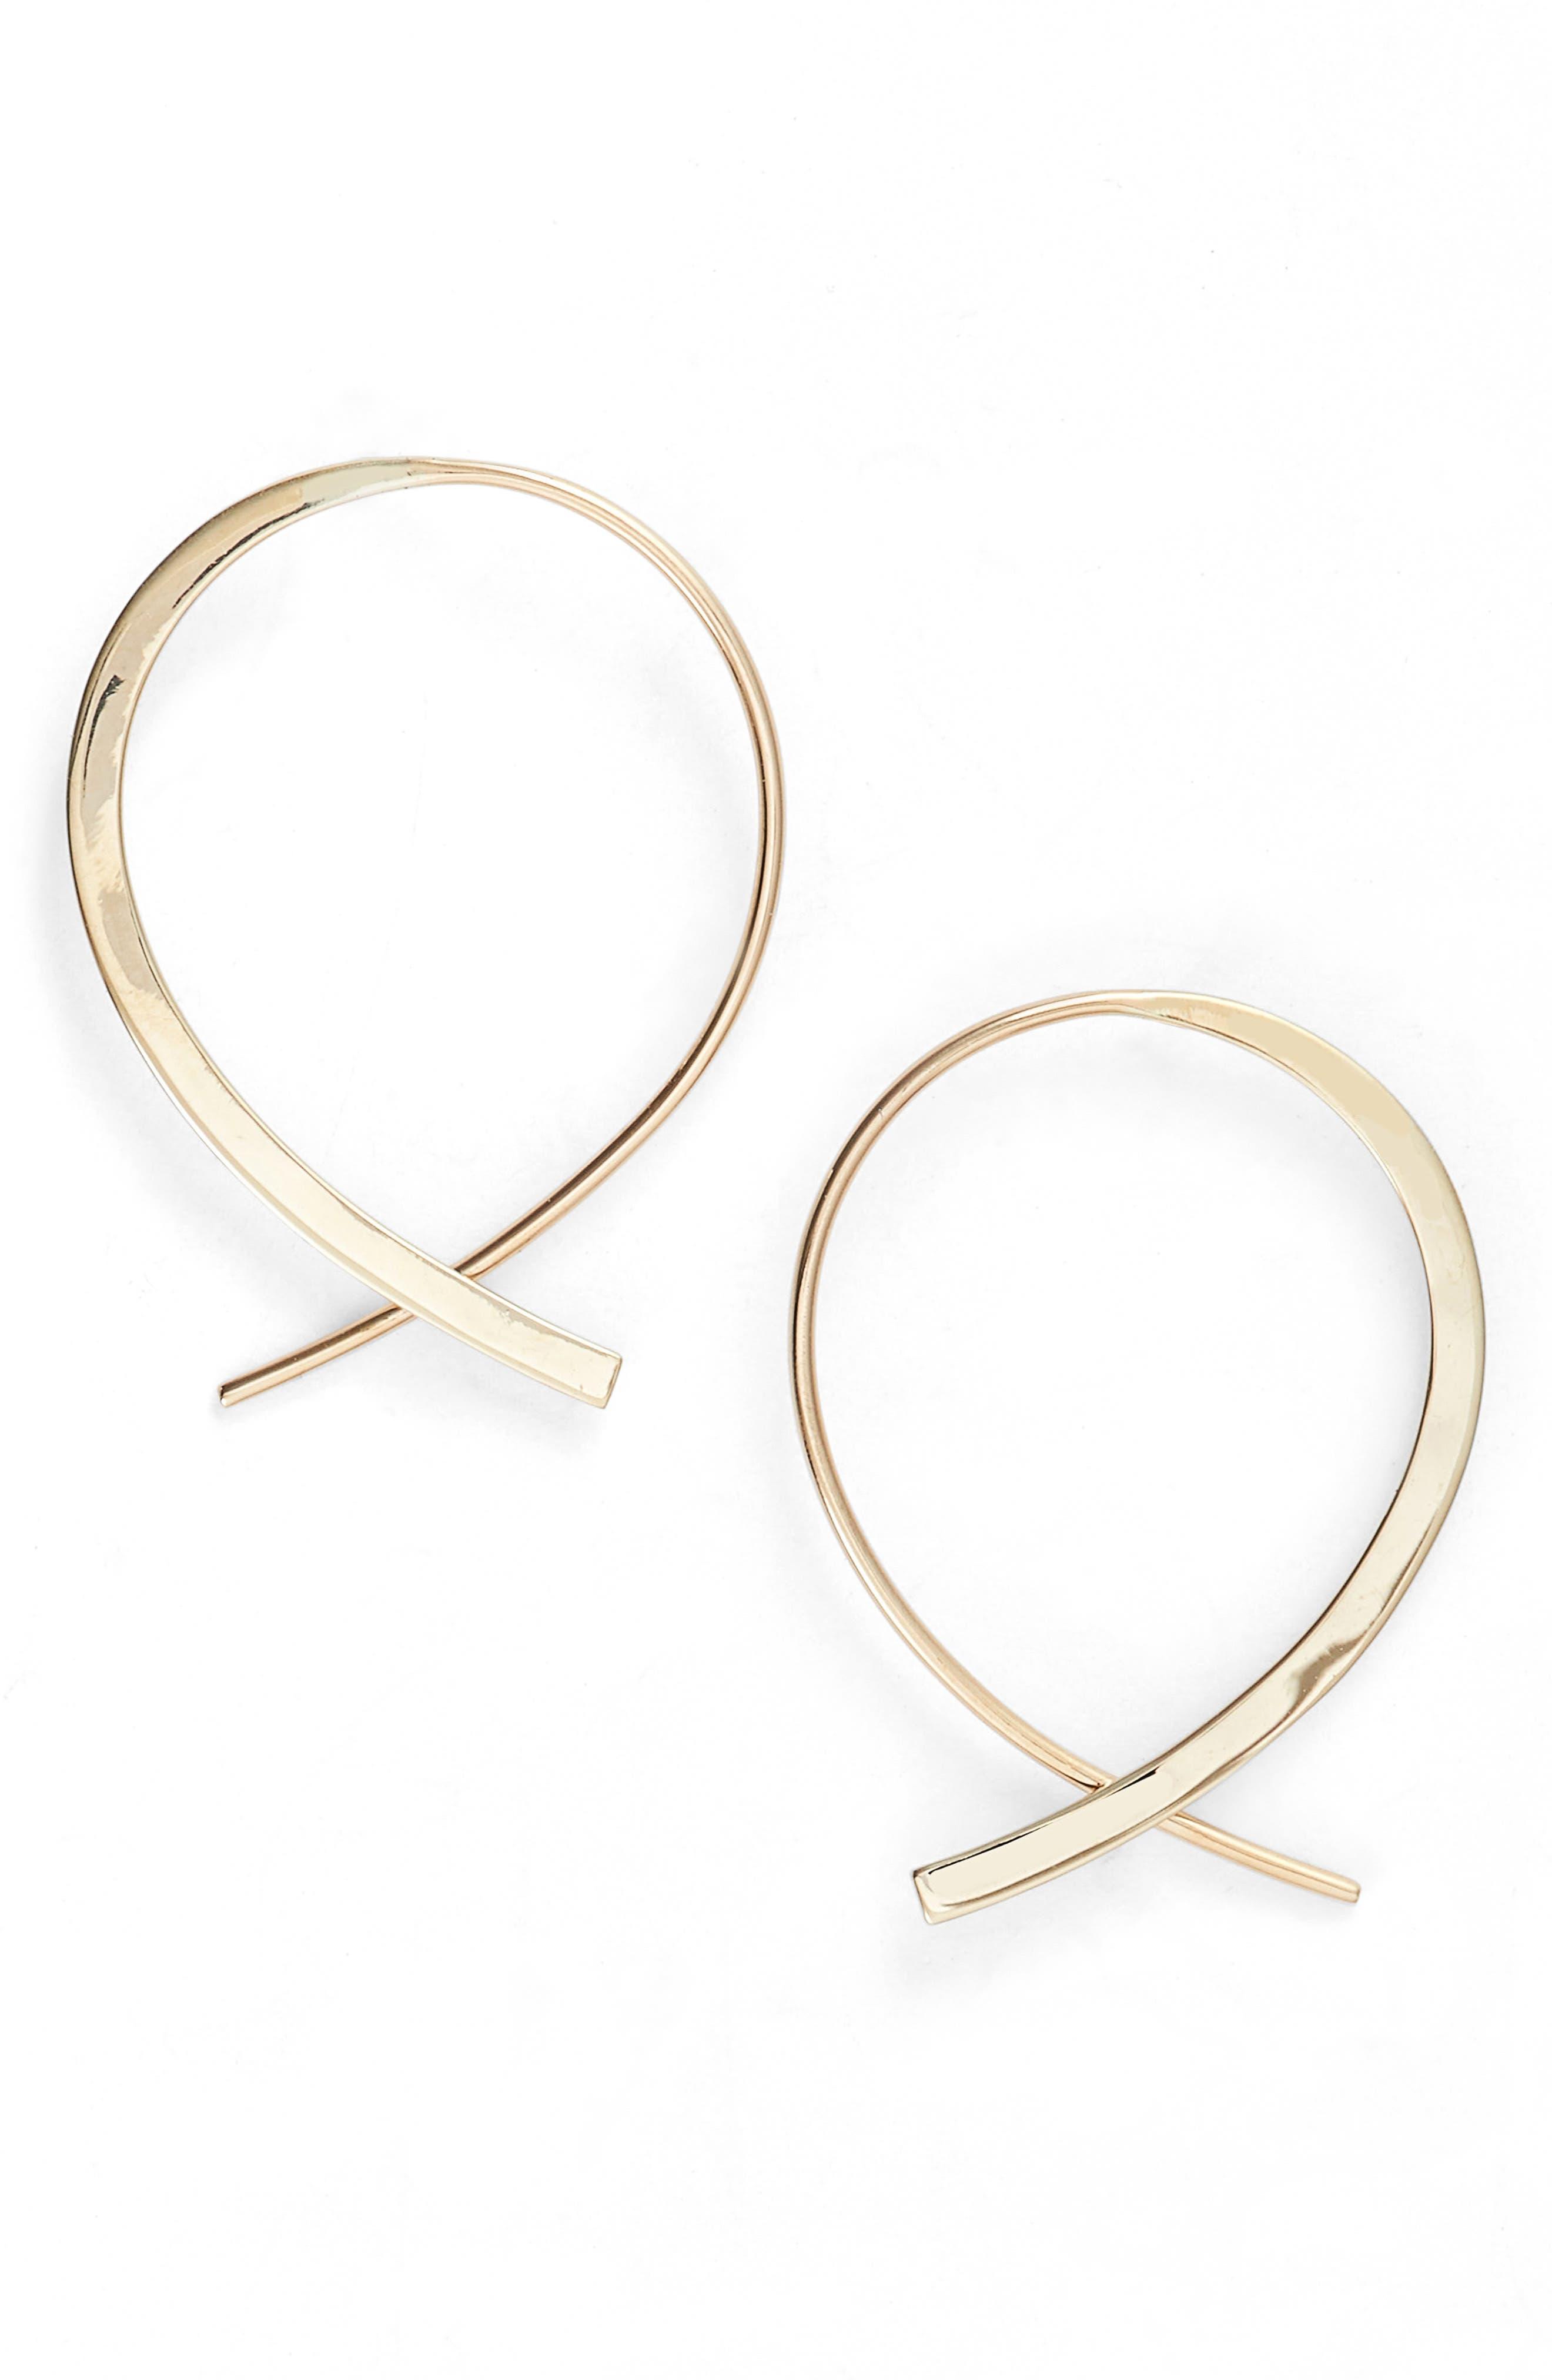 Lana Jewelry Small Frontal Upside Down Hoop Earrings